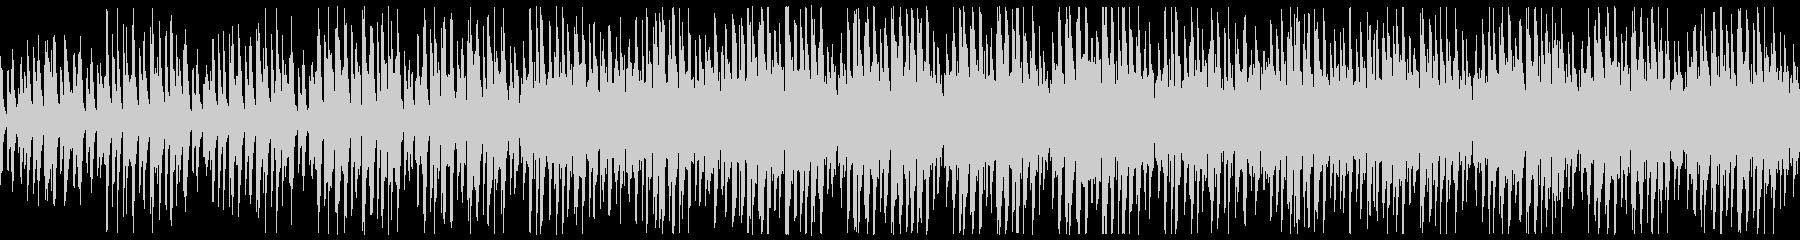 【ドラム・ベース抜き】明るいほのぼのア…の未再生の波形